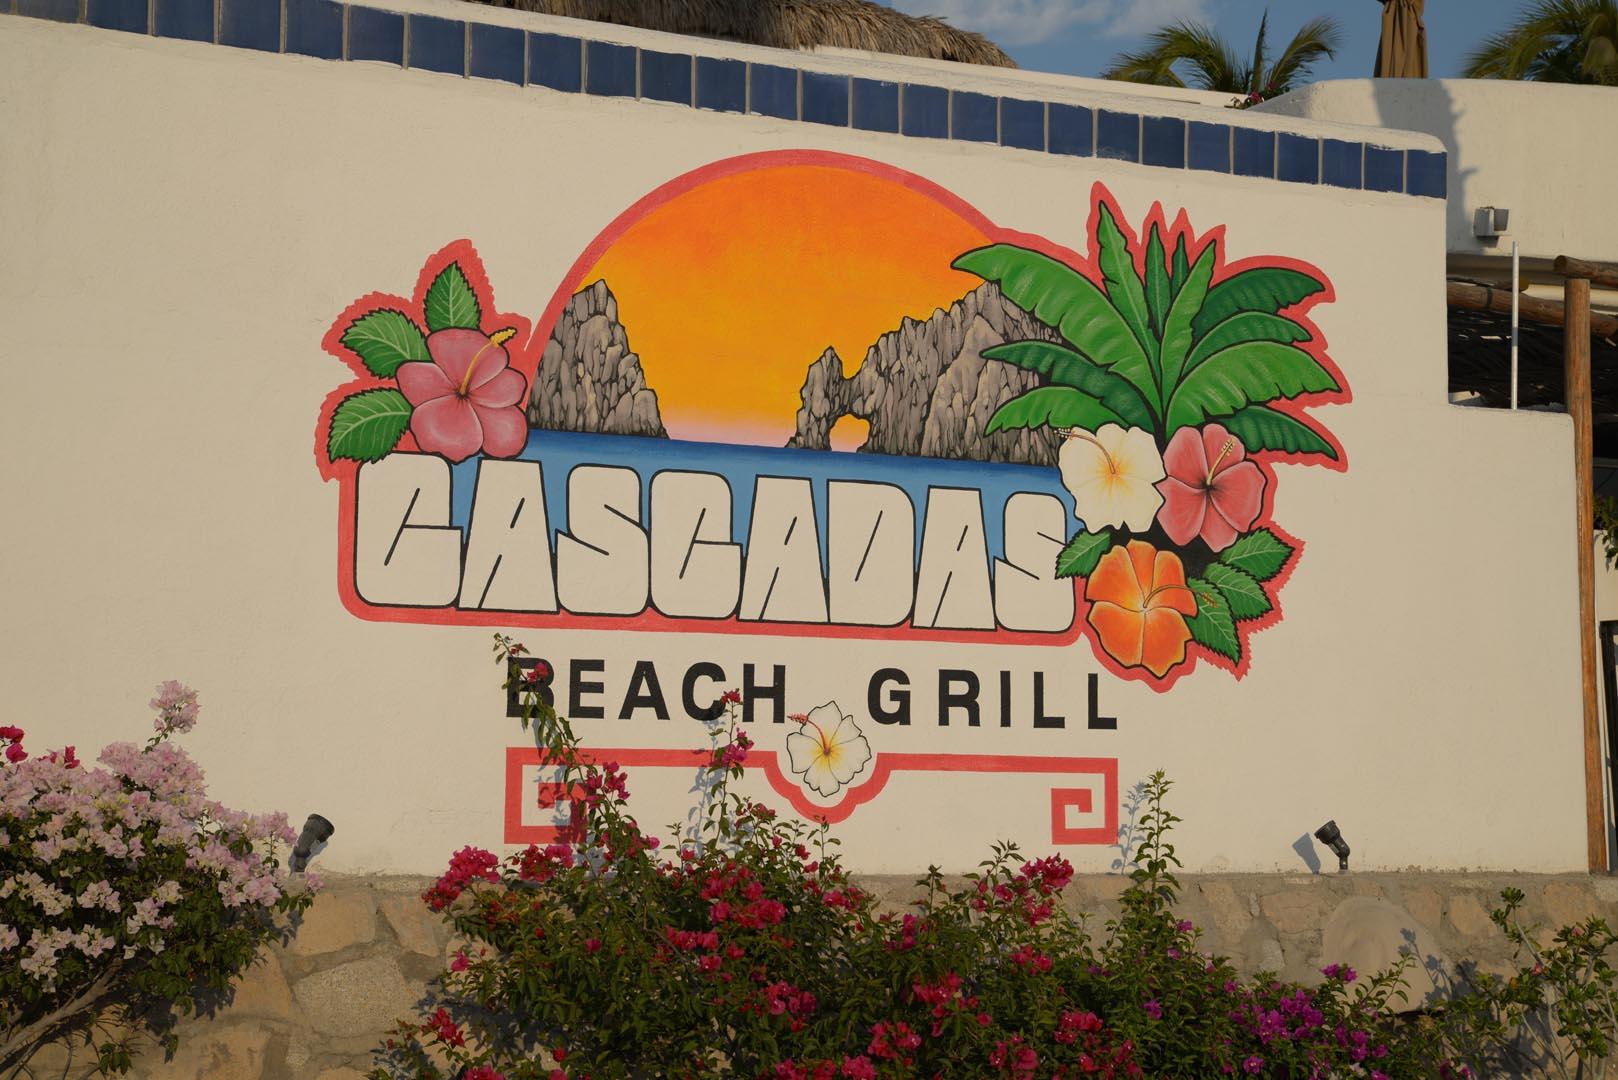 Club Cascadas Signage